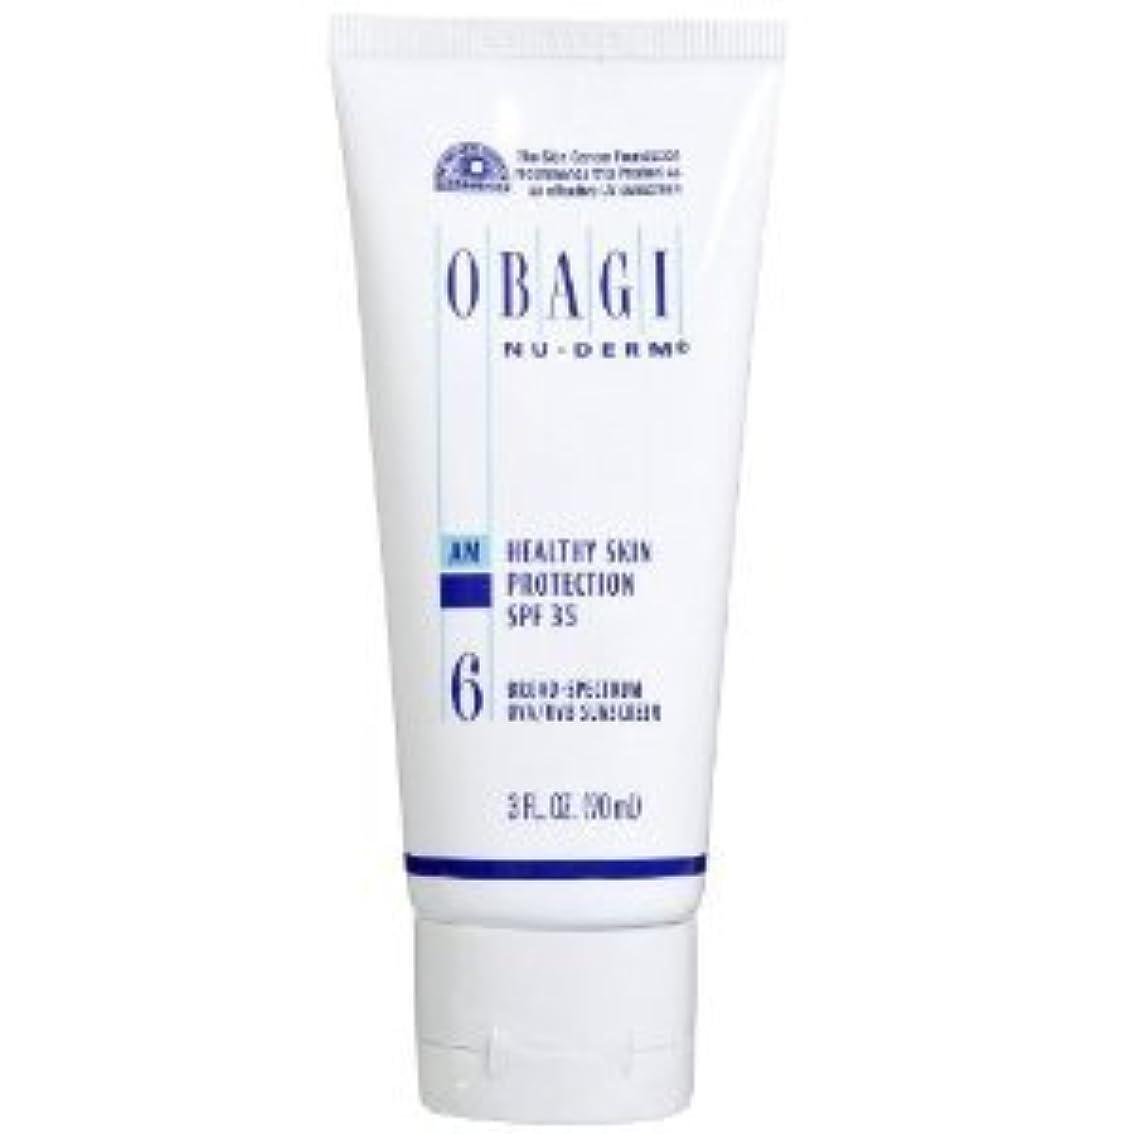 灰港フライカイトオバジ ニューダーム スキンプロテクション サンスクリーン(SPF35) Obagi Nu-Derm Healthy Skin Protection SPF 35 Sunscreens